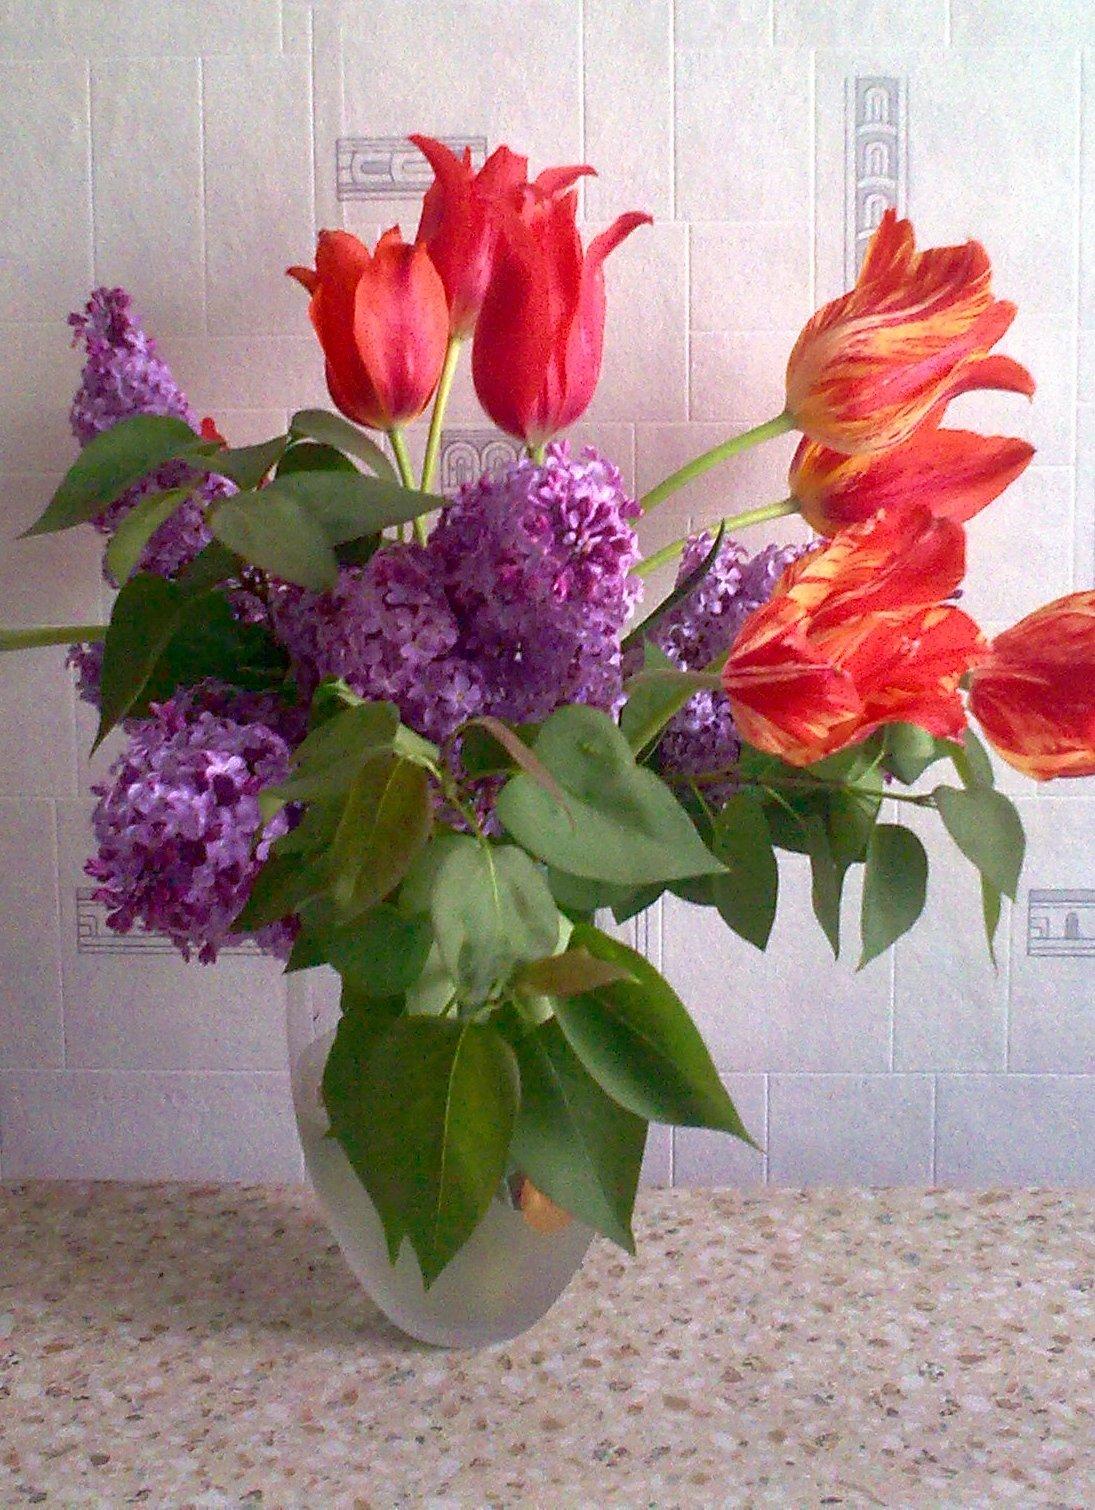 сирень и тюльпаны букет картинки под его неуклюжей